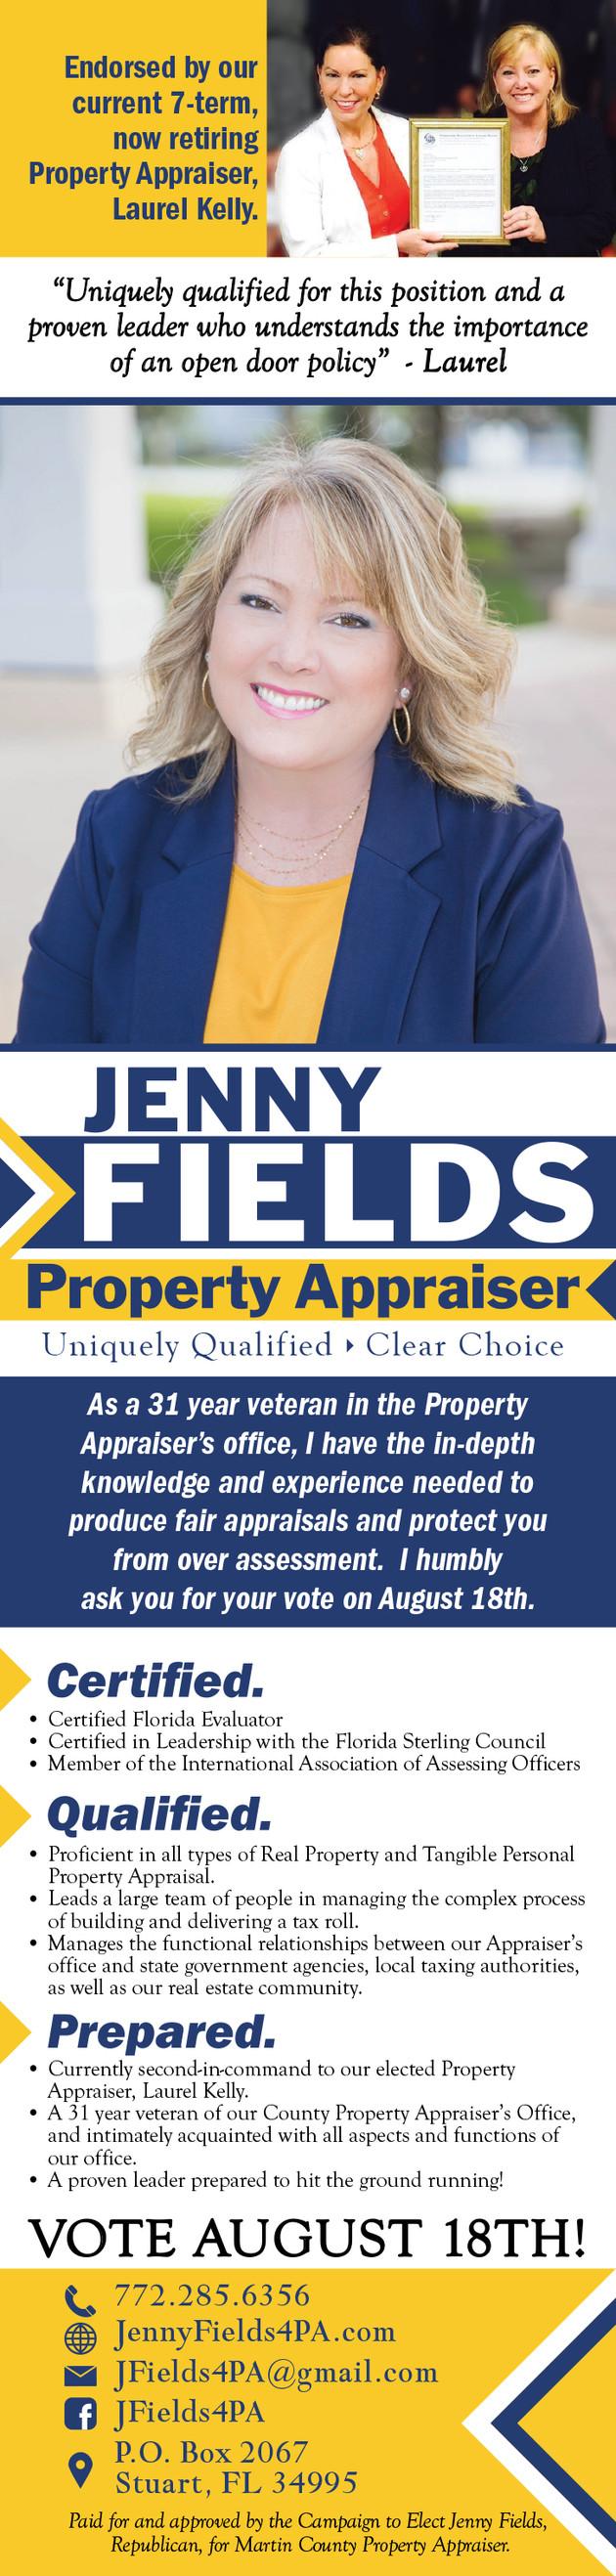 Jenny Fields for Property Appraiser